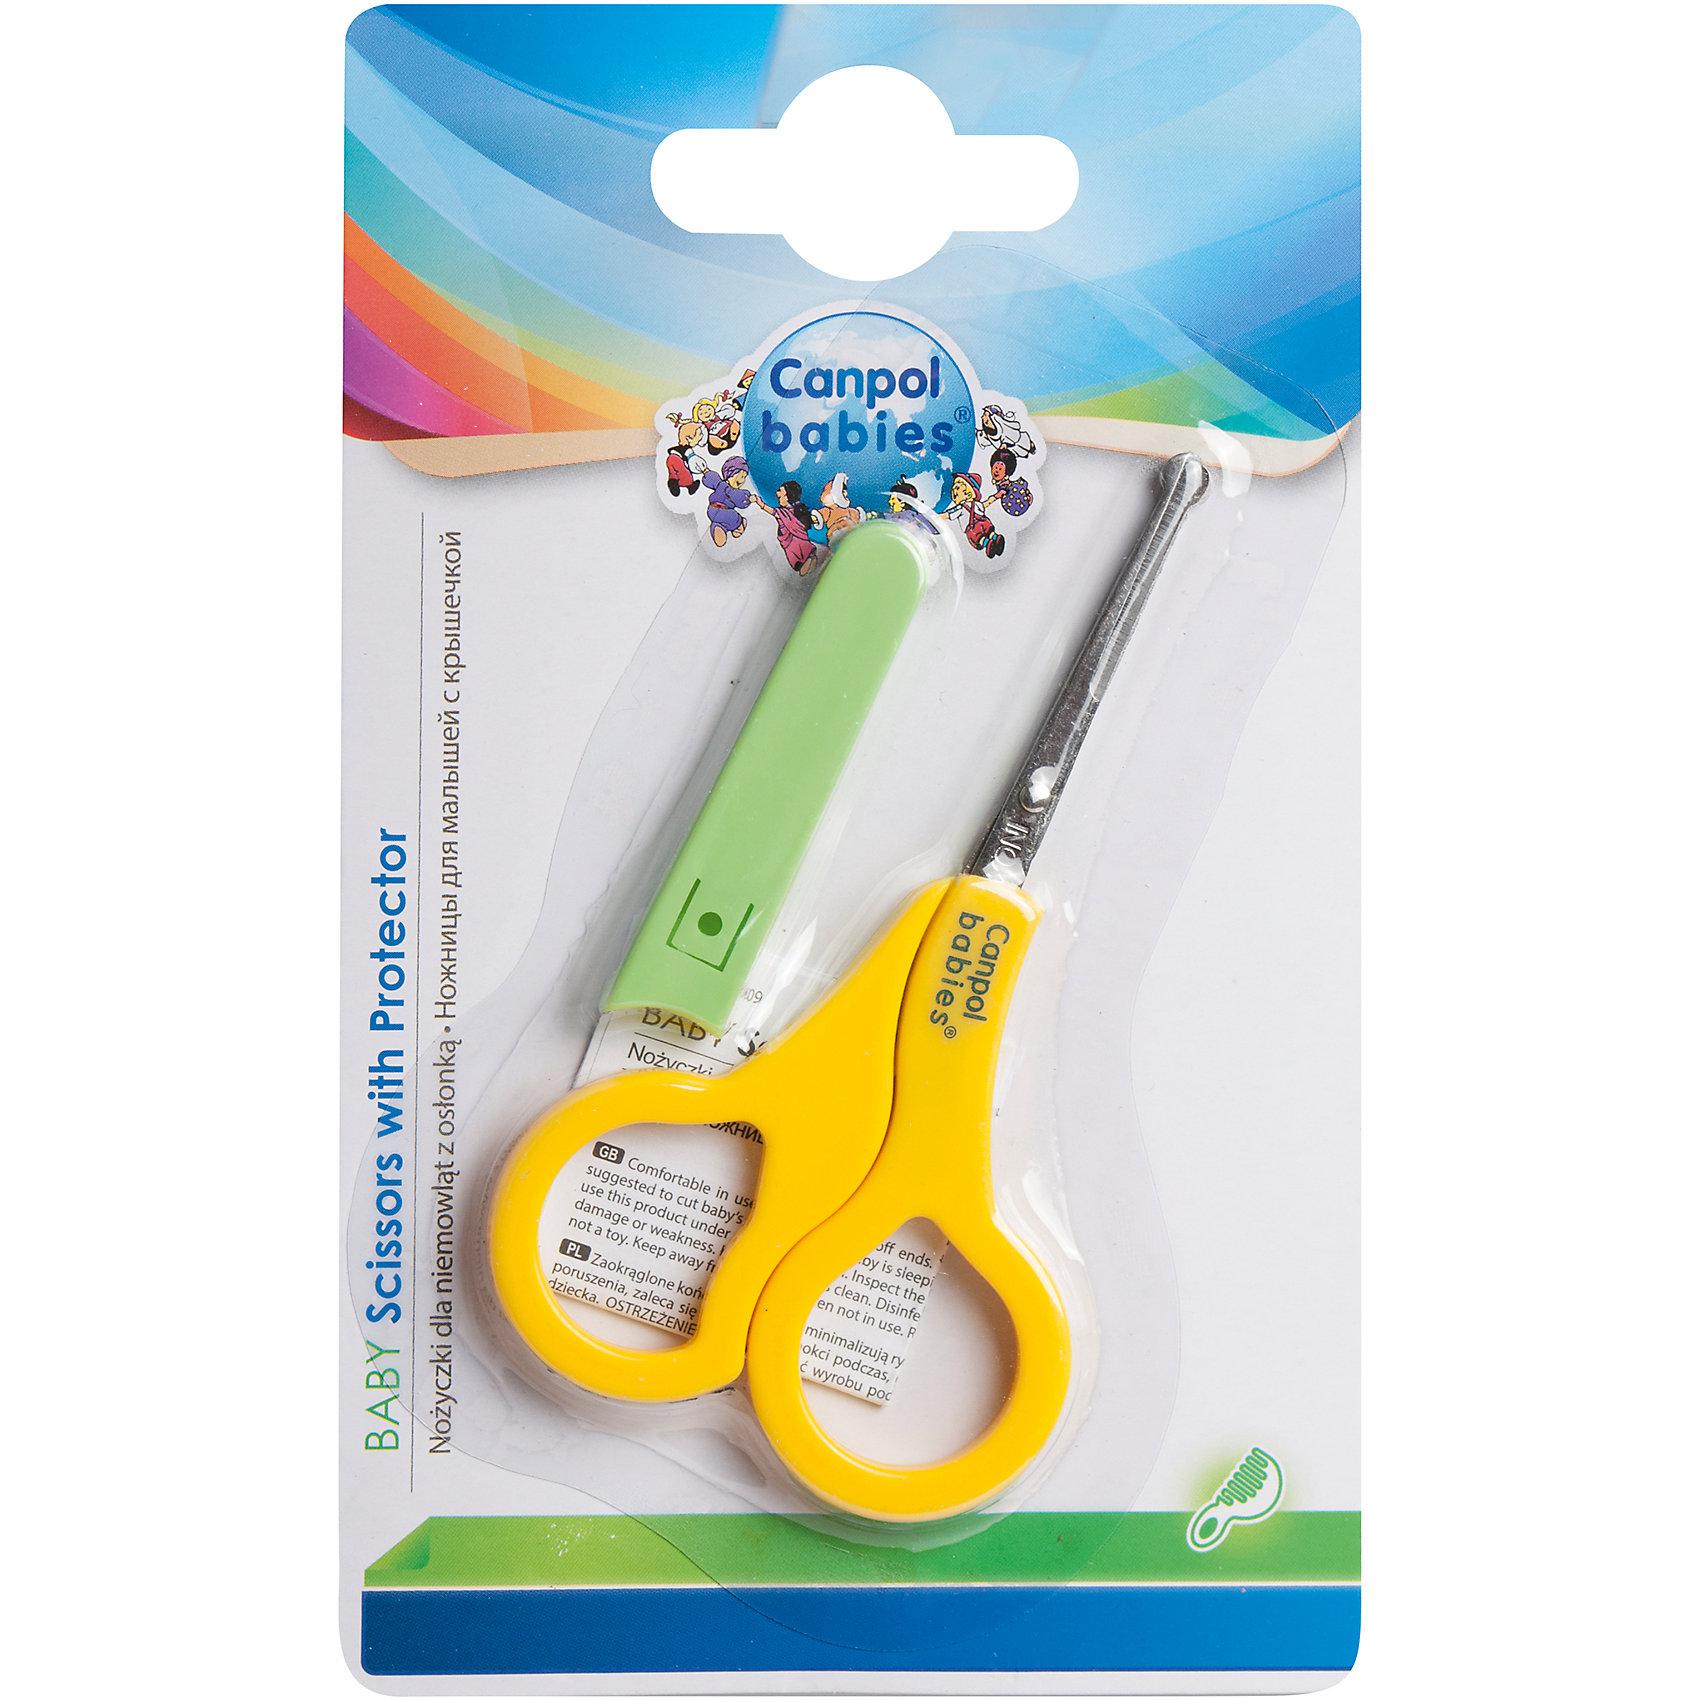 Ножницы безопасные в чехле, 0+, Canpol Babies, желтыйНожницы и щипчики<br>Ножницы безопасные в чехле, 0+, Canpol Babies (Канпол беби), желтый.<br><br>Характеристики:<br>• концы ножниц закруглены<br>• защитный чехол<br>• удобные для мамы кольца<br>• яркий дизайн<br>• качественные материалы<br>• размер упаковки: 1х9,5х15,5 см<br>• вес: 100 грамм<br>• цвет: желтый<br><br>Ножницы Canpol Babies удобны в использовании и полностью безопасны для ребенка. Закругленные концы не дадут ребенку пораниться. Большие кольца удобны для маминых пальцев. Яркий цвет ножниц отвлечет внимание малыша и позволит вам легко провести гигиенические процедуры.<br><br>Ножницы безопасные в чехле, 0+, Canpol Babies (Канпол беби), желтый можно купить в нашем интернет-магазине.<br><br>Ширина мм: 95<br>Глубина мм: 7<br>Высота мм: 155<br>Вес г: 130<br>Возраст от месяцев: 0<br>Возраст до месяцев: 36<br>Пол: Унисекс<br>Возраст: Детский<br>SKU: 5156730